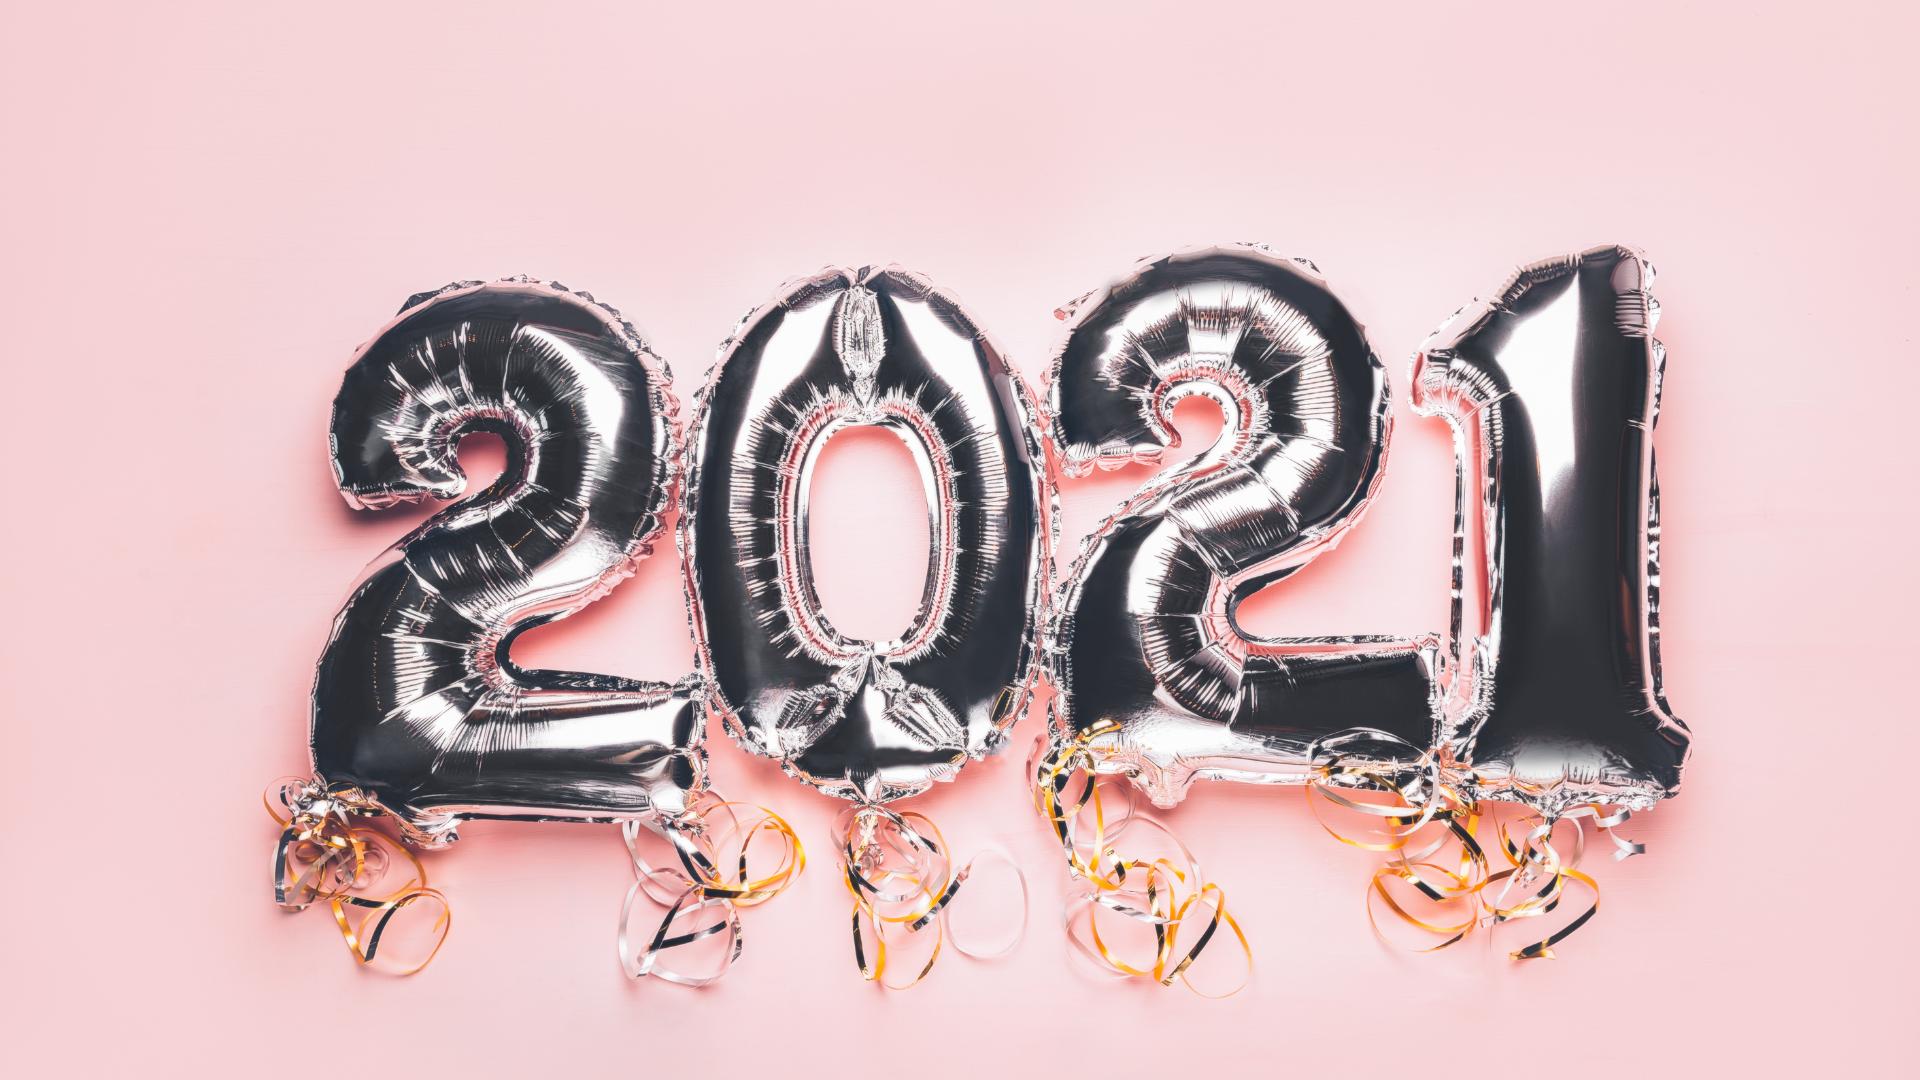 אלה שנמאסו – ואלה שיכנסו: הטרנדים שיובילו את עולם החתונות 2021